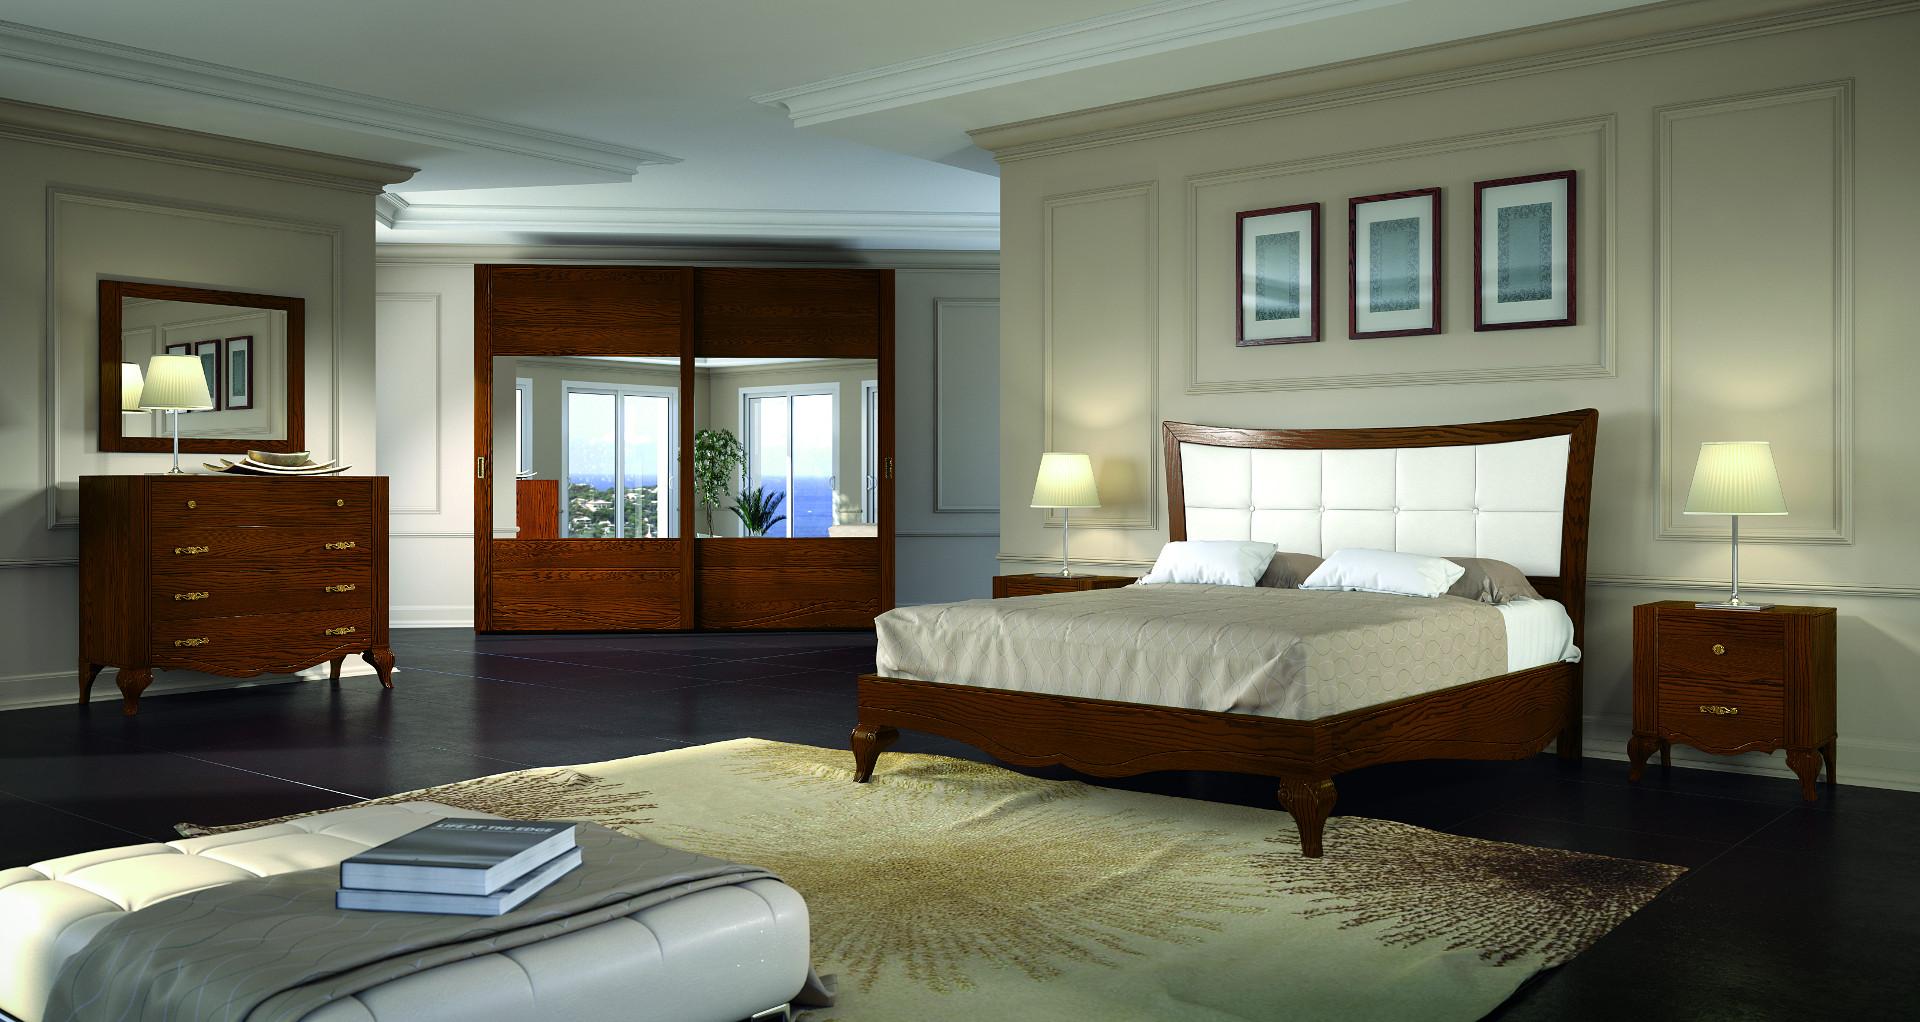 Composizione camera da letto completa di armadio, comò, comodino e ...